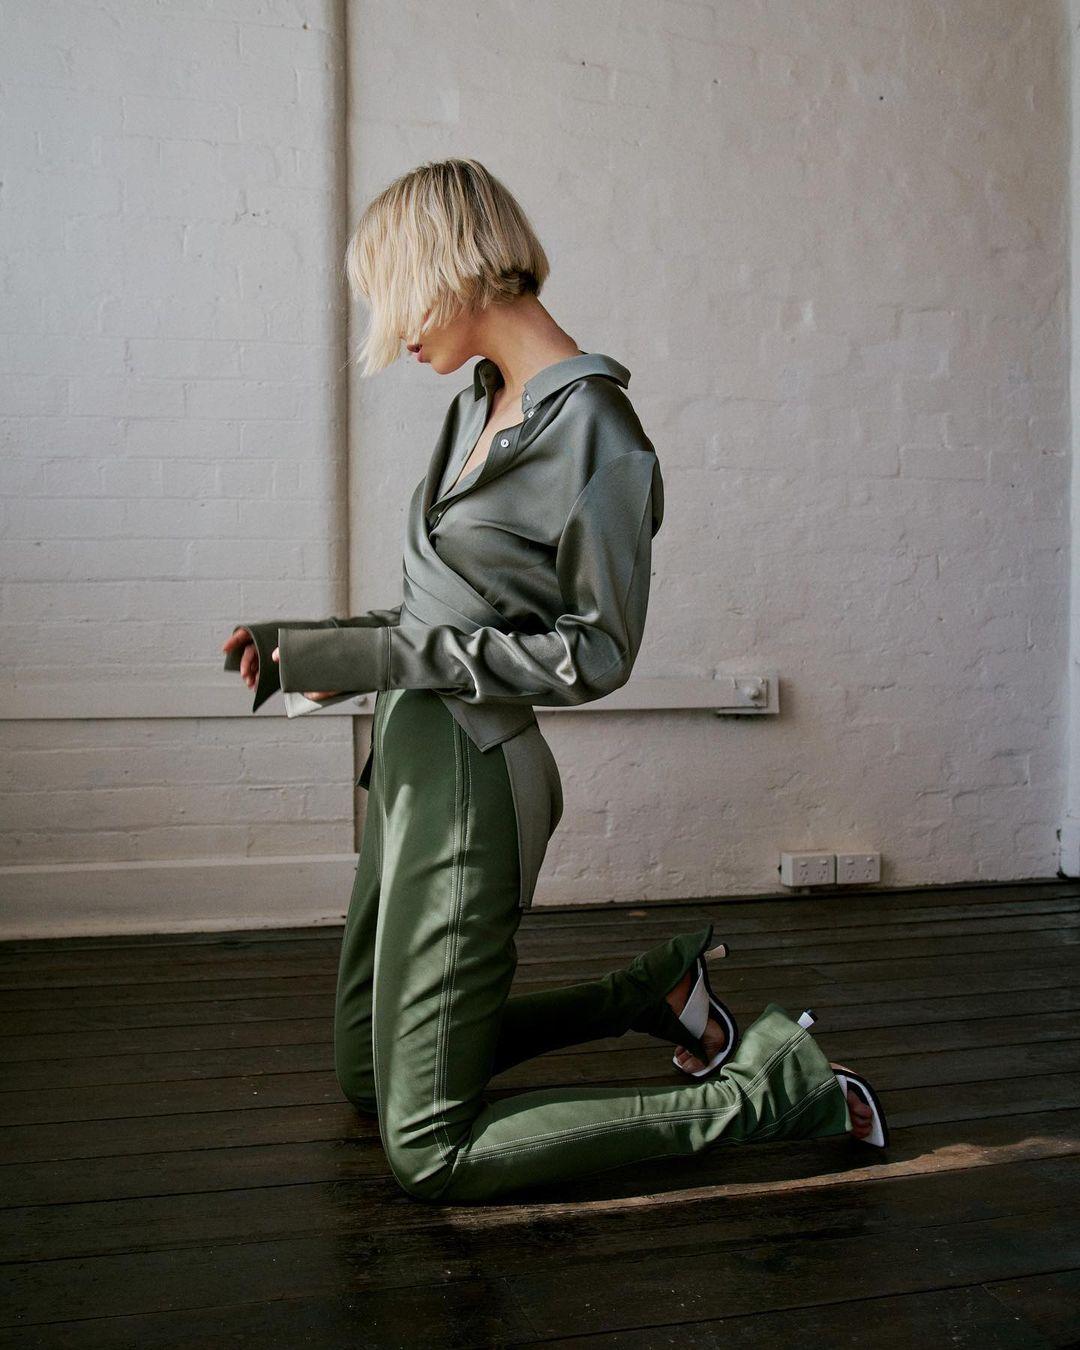 Girl kneeling in shirt. Shot by Ben Jones - Northbrook Agency.